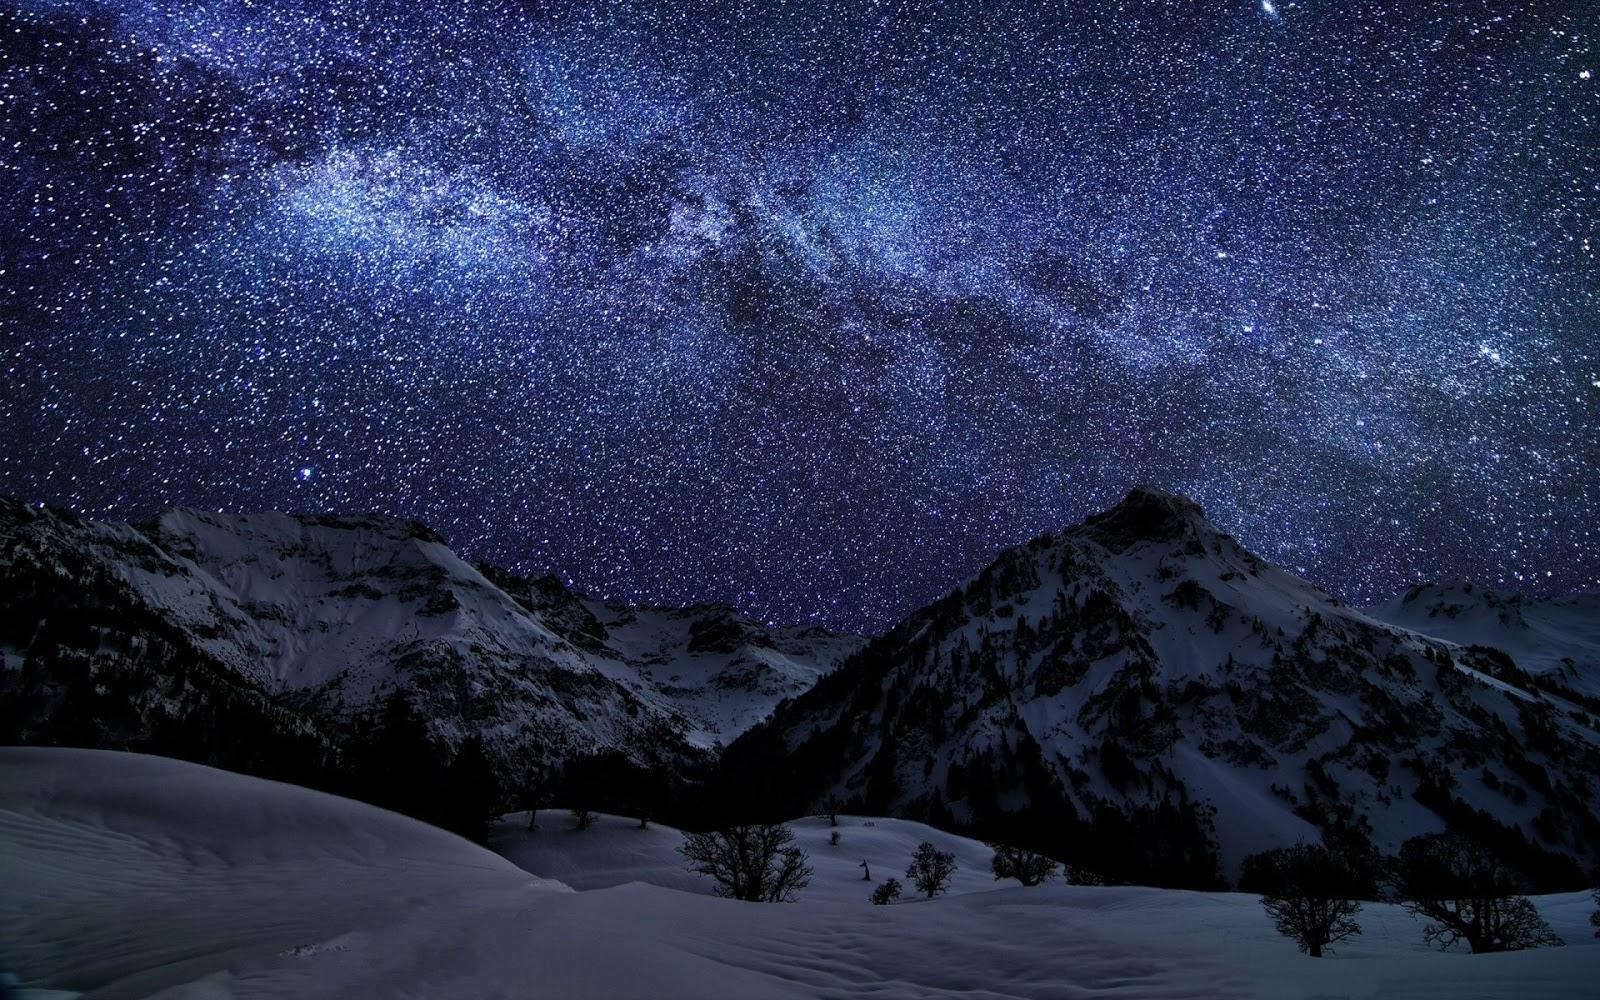 Amazing Milky Way Wallpapers: Full HD Desktop Wallpapers 1080p